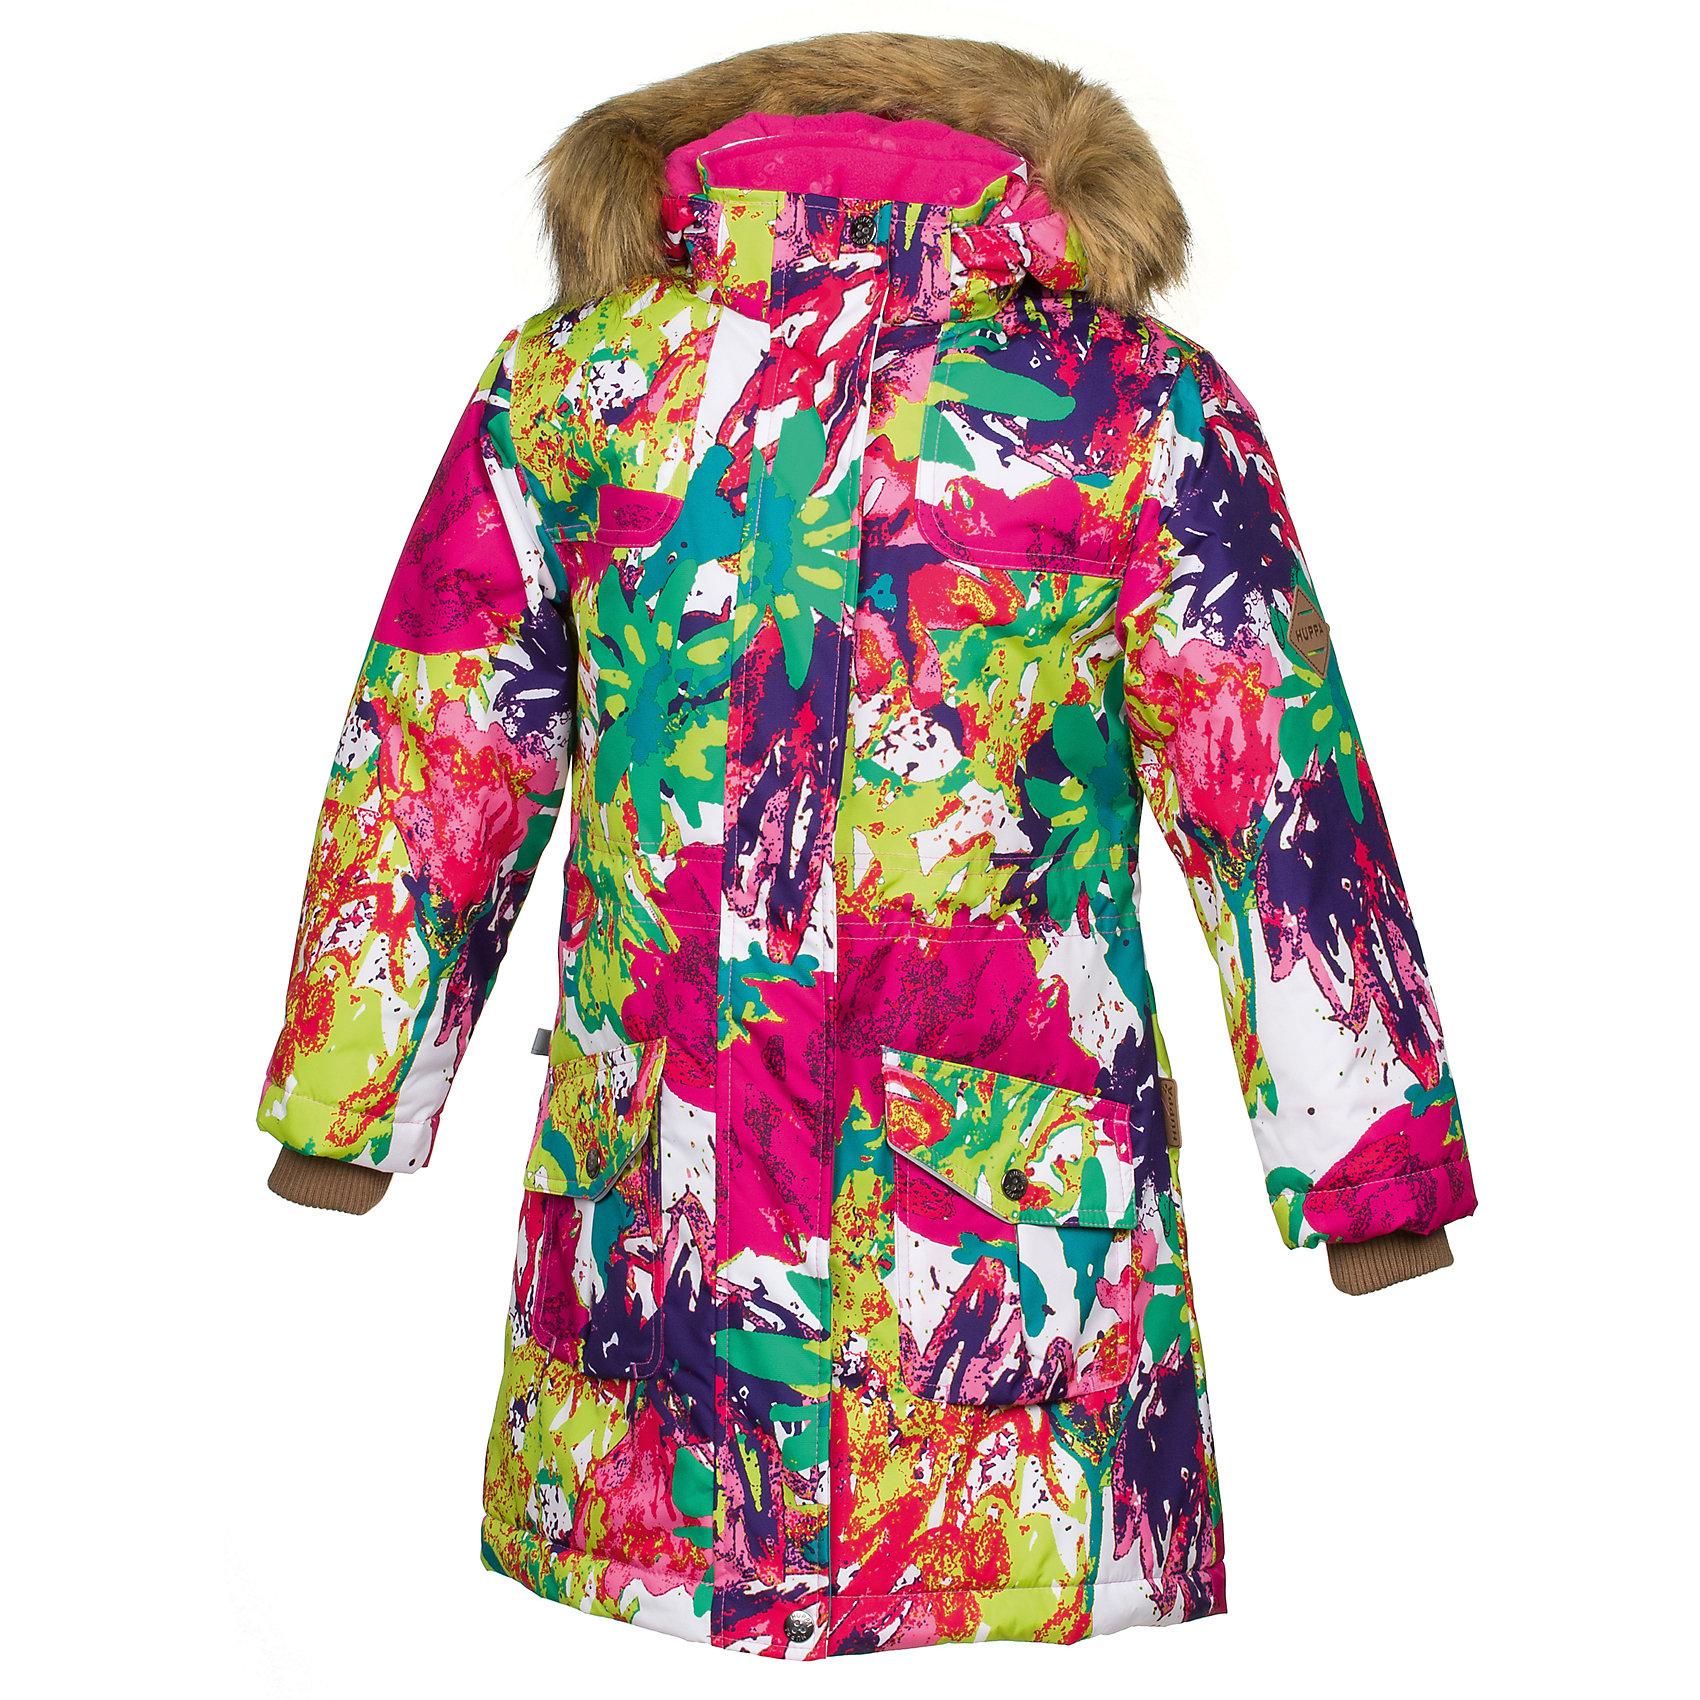 Куртка MONA Huppa для девочкиВерхняя одежда<br>Характеристики товара:<br><br>• модель: Mona;<br>• цвет: ягодный принт;<br>• состав: 100% полиэстер;<br>• утеплитель: полиэстер,300 гр.;<br>• подкладка: полиэстер, тафта, флис;<br>• сезон: зима;<br>• температурный режим: от - 5 до - 30С;<br>• водонепроницаемость: 10000 мм;<br>• воздухопроницаемость: 10000 г/м2/24ч;<br>• влагостойкие, водоотталкивающие, ветрозащитные и дышащие материалы.<br>• плечевые швы проклеены и не пропускают влагу;<br>• защитная планка молнии;<br>• двухсторонняя молния;<br>• безопасный отстёгивающийся капюшон;<br>• съемный искусственный мех на капюшоне;<br>• по линии талии регулируемый стопперами резиновый шнур;<br>• два накладных кармана;<br>• светоотражающие элементы для безопасности ребенка;<br>• внутренние вязаные манжеты на рукавах; <br>• страна бренда: Финляндия;<br>• страна изготовитель: Эстония.<br><br>Модная белоснежная парка Mona от бренда Huppa – желанное приобретение для следящих за модой девушек. Стильная модель радует безупречным дизайном. <br><br>Помимо внешней красоты парка отличается высокой функциональностью. Такое облачение не позволит владелице замёрзнуть даже в 30-ти градусный мороз. Глубокий капюшон с пушистой меховой оторочкой сделает зимние прогулки ещё комфортнее. Пара глубоких карманов на заклёпках уберегут вещи от снега. Широкие манжеты-резинки повышают теплосберегающие свойства модели, а также препятствуют проникновению под одежду снега. На подоле и талии предусмотрены регулирующие шнурки.Бегунок молнии открывается/закрывается снизу и сверху.Имеются светоотражательные элементы.<br><br>Куртку Mona для девочки бренда HUPPA  можно купить в нашем интернет-магазине.<br><br>Ширина мм: 356<br>Глубина мм: 10<br>Высота мм: 245<br>Вес г: 519<br>Цвет: белый<br>Возраст от месяцев: 96<br>Возраст до месяцев: 108<br>Пол: Женский<br>Возраст: Детский<br>Размер: 134,170,104,110,116,122,128,140,146,152,158,164<br>SKU: 7025055